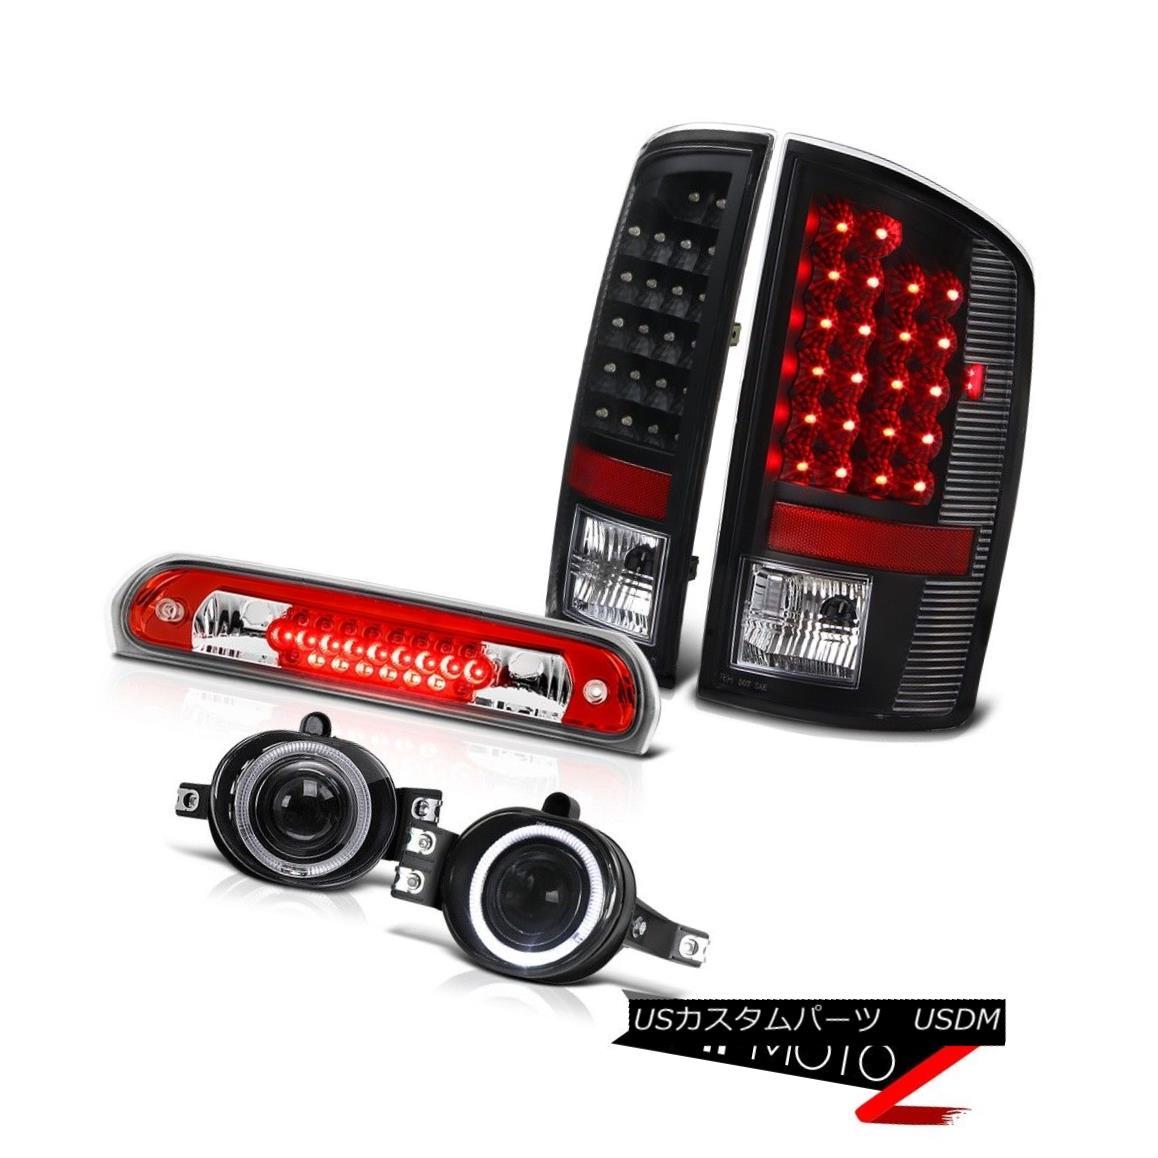 テールライト 2006 Dodge Ram TurboDiesel SMD Brake Tail Lights Projector Euro Fog Roof LED Red 2006ダッジラムターボディーゼルSMDブレーキテールライトプロジェクターユーロフォグルーフLED赤